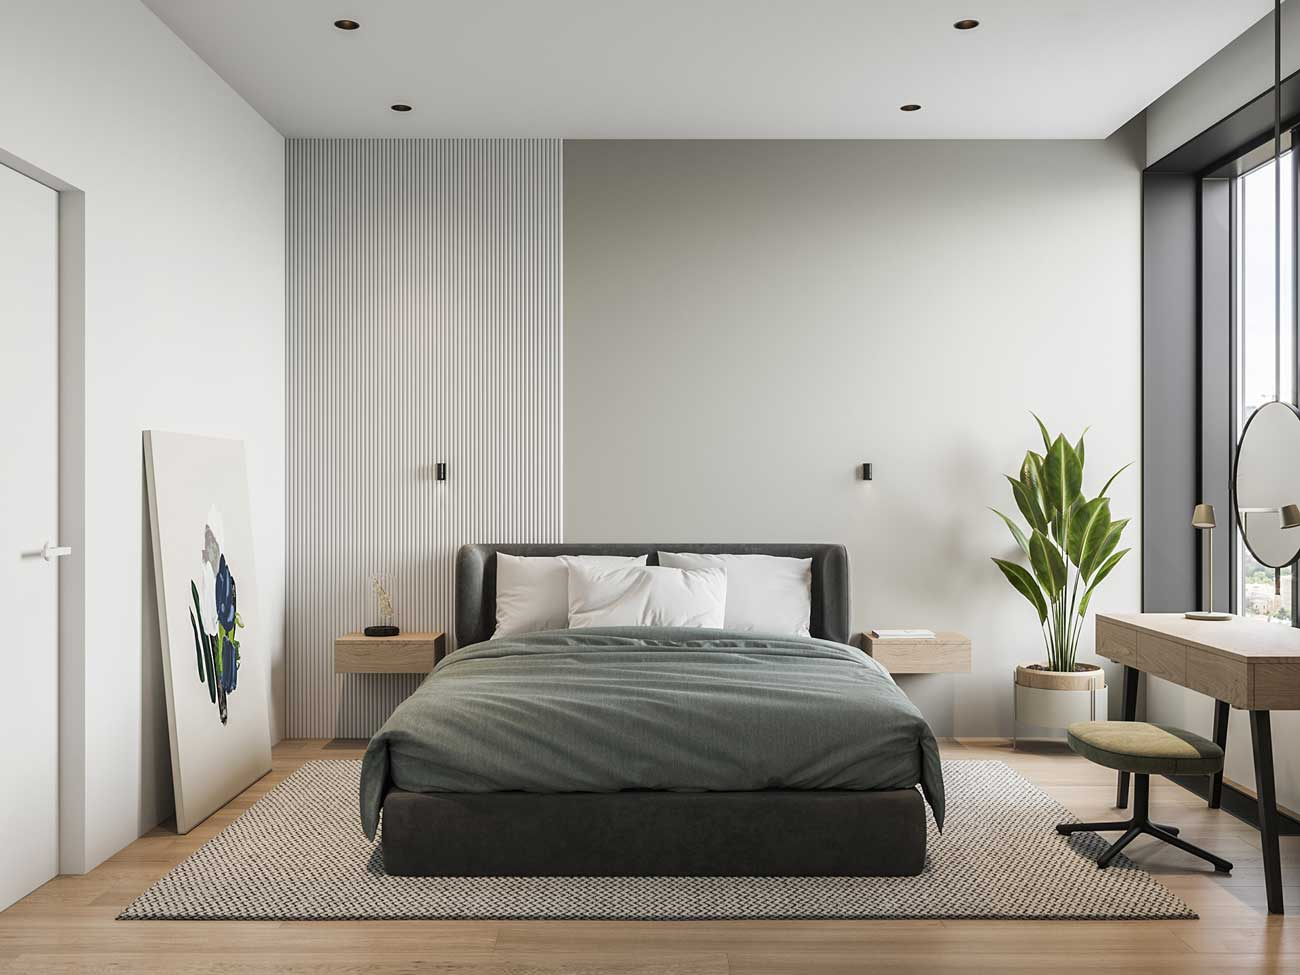 Une chambre minimaliste blanche et lumineuse avec une touche de verdure